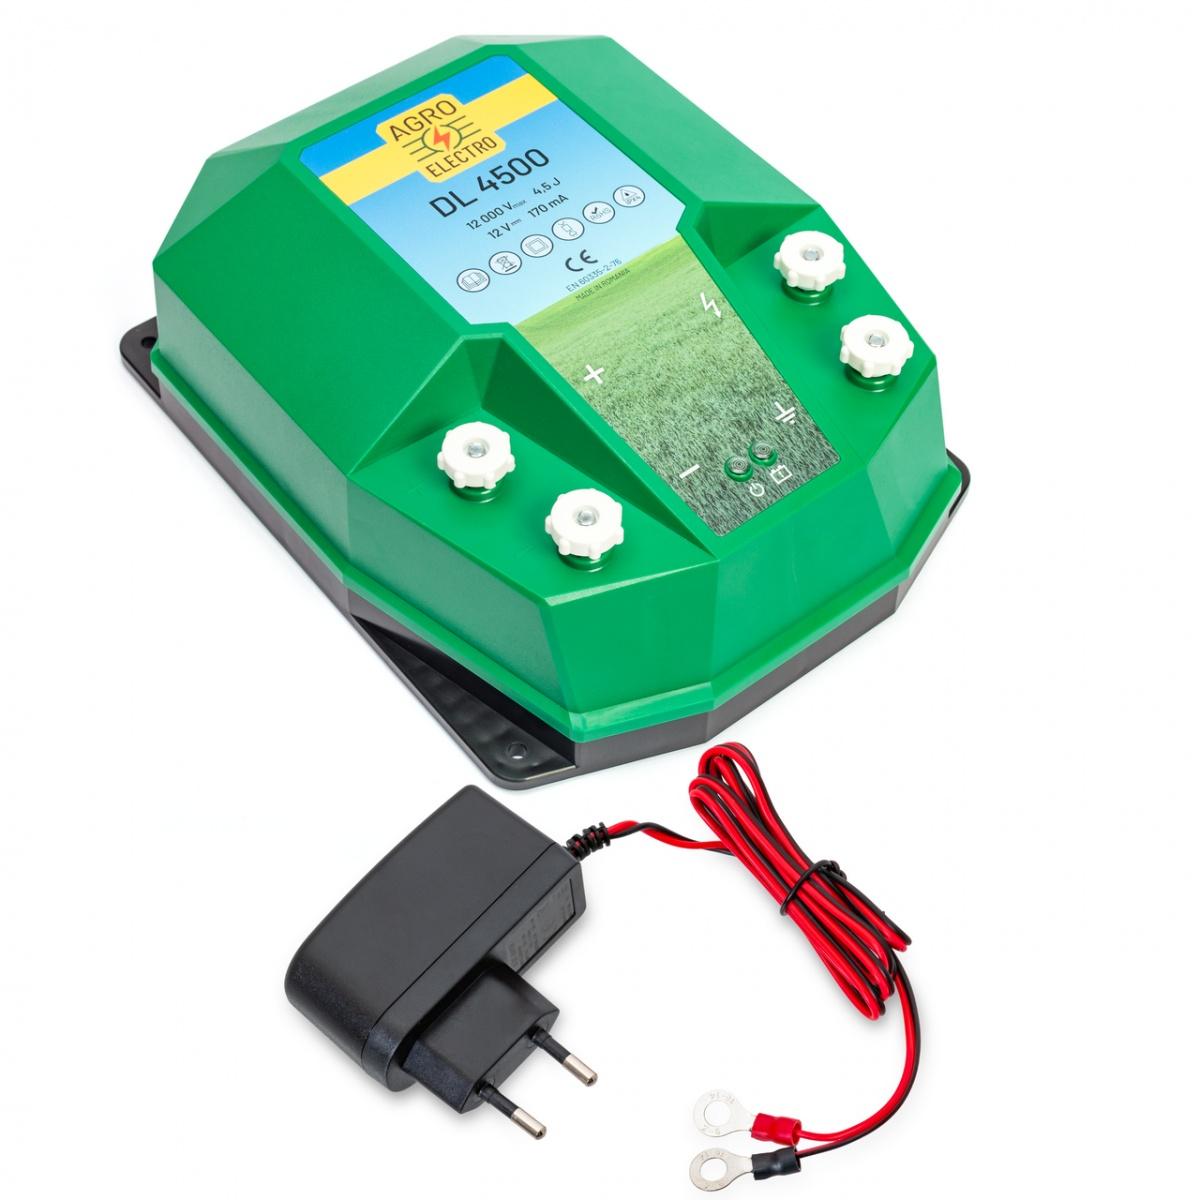 Aparat gard electric DL4500, 4,5 Joule, cu adaptor de rețea 230/12V